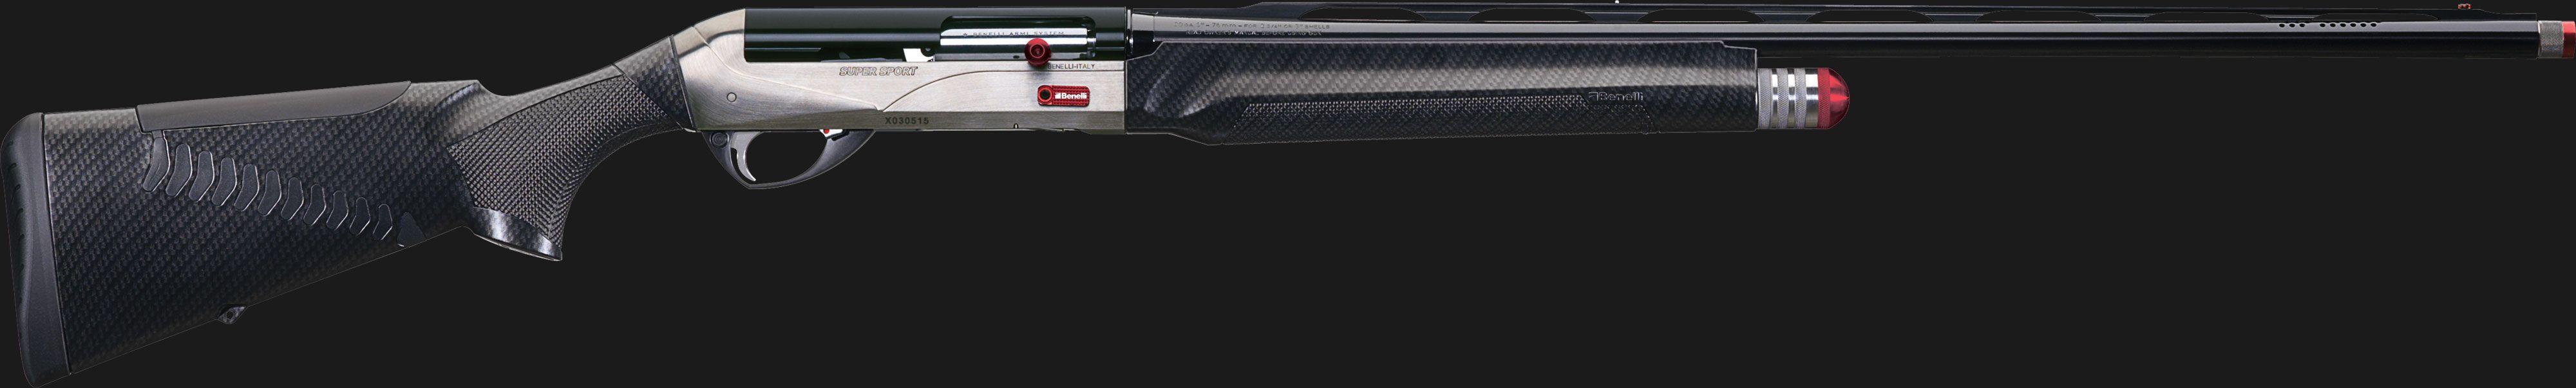 Supersport Custom Benelli USA